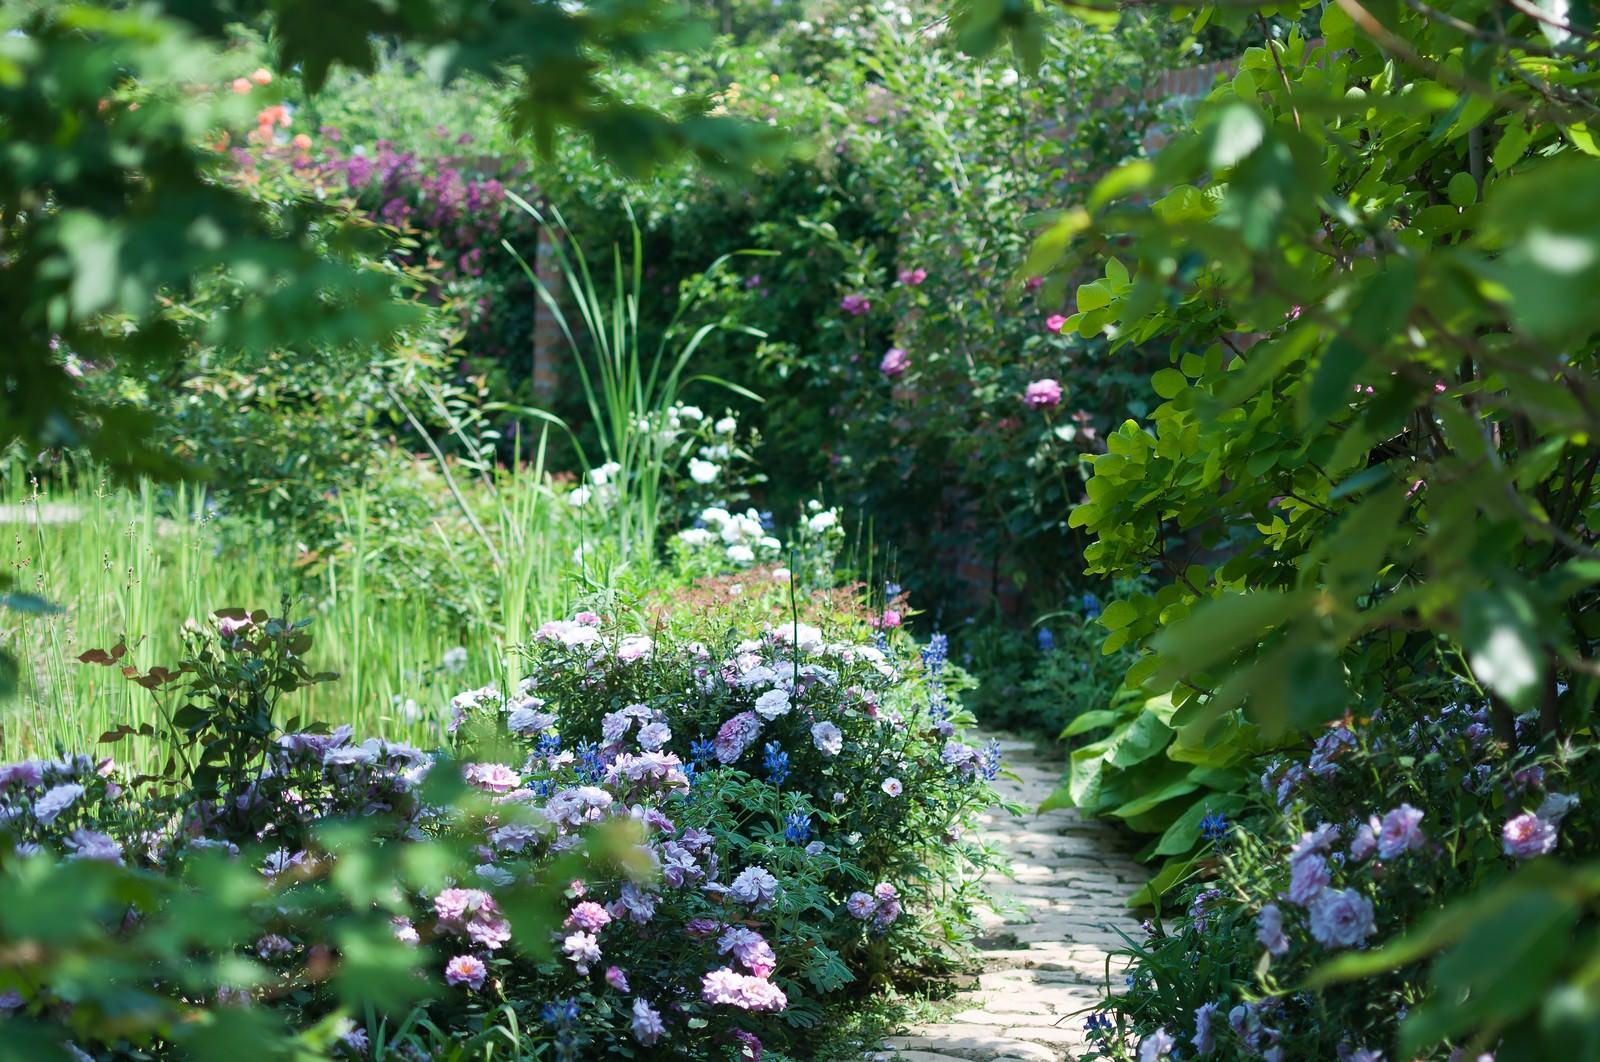 「昼下がりの庭園」の写真